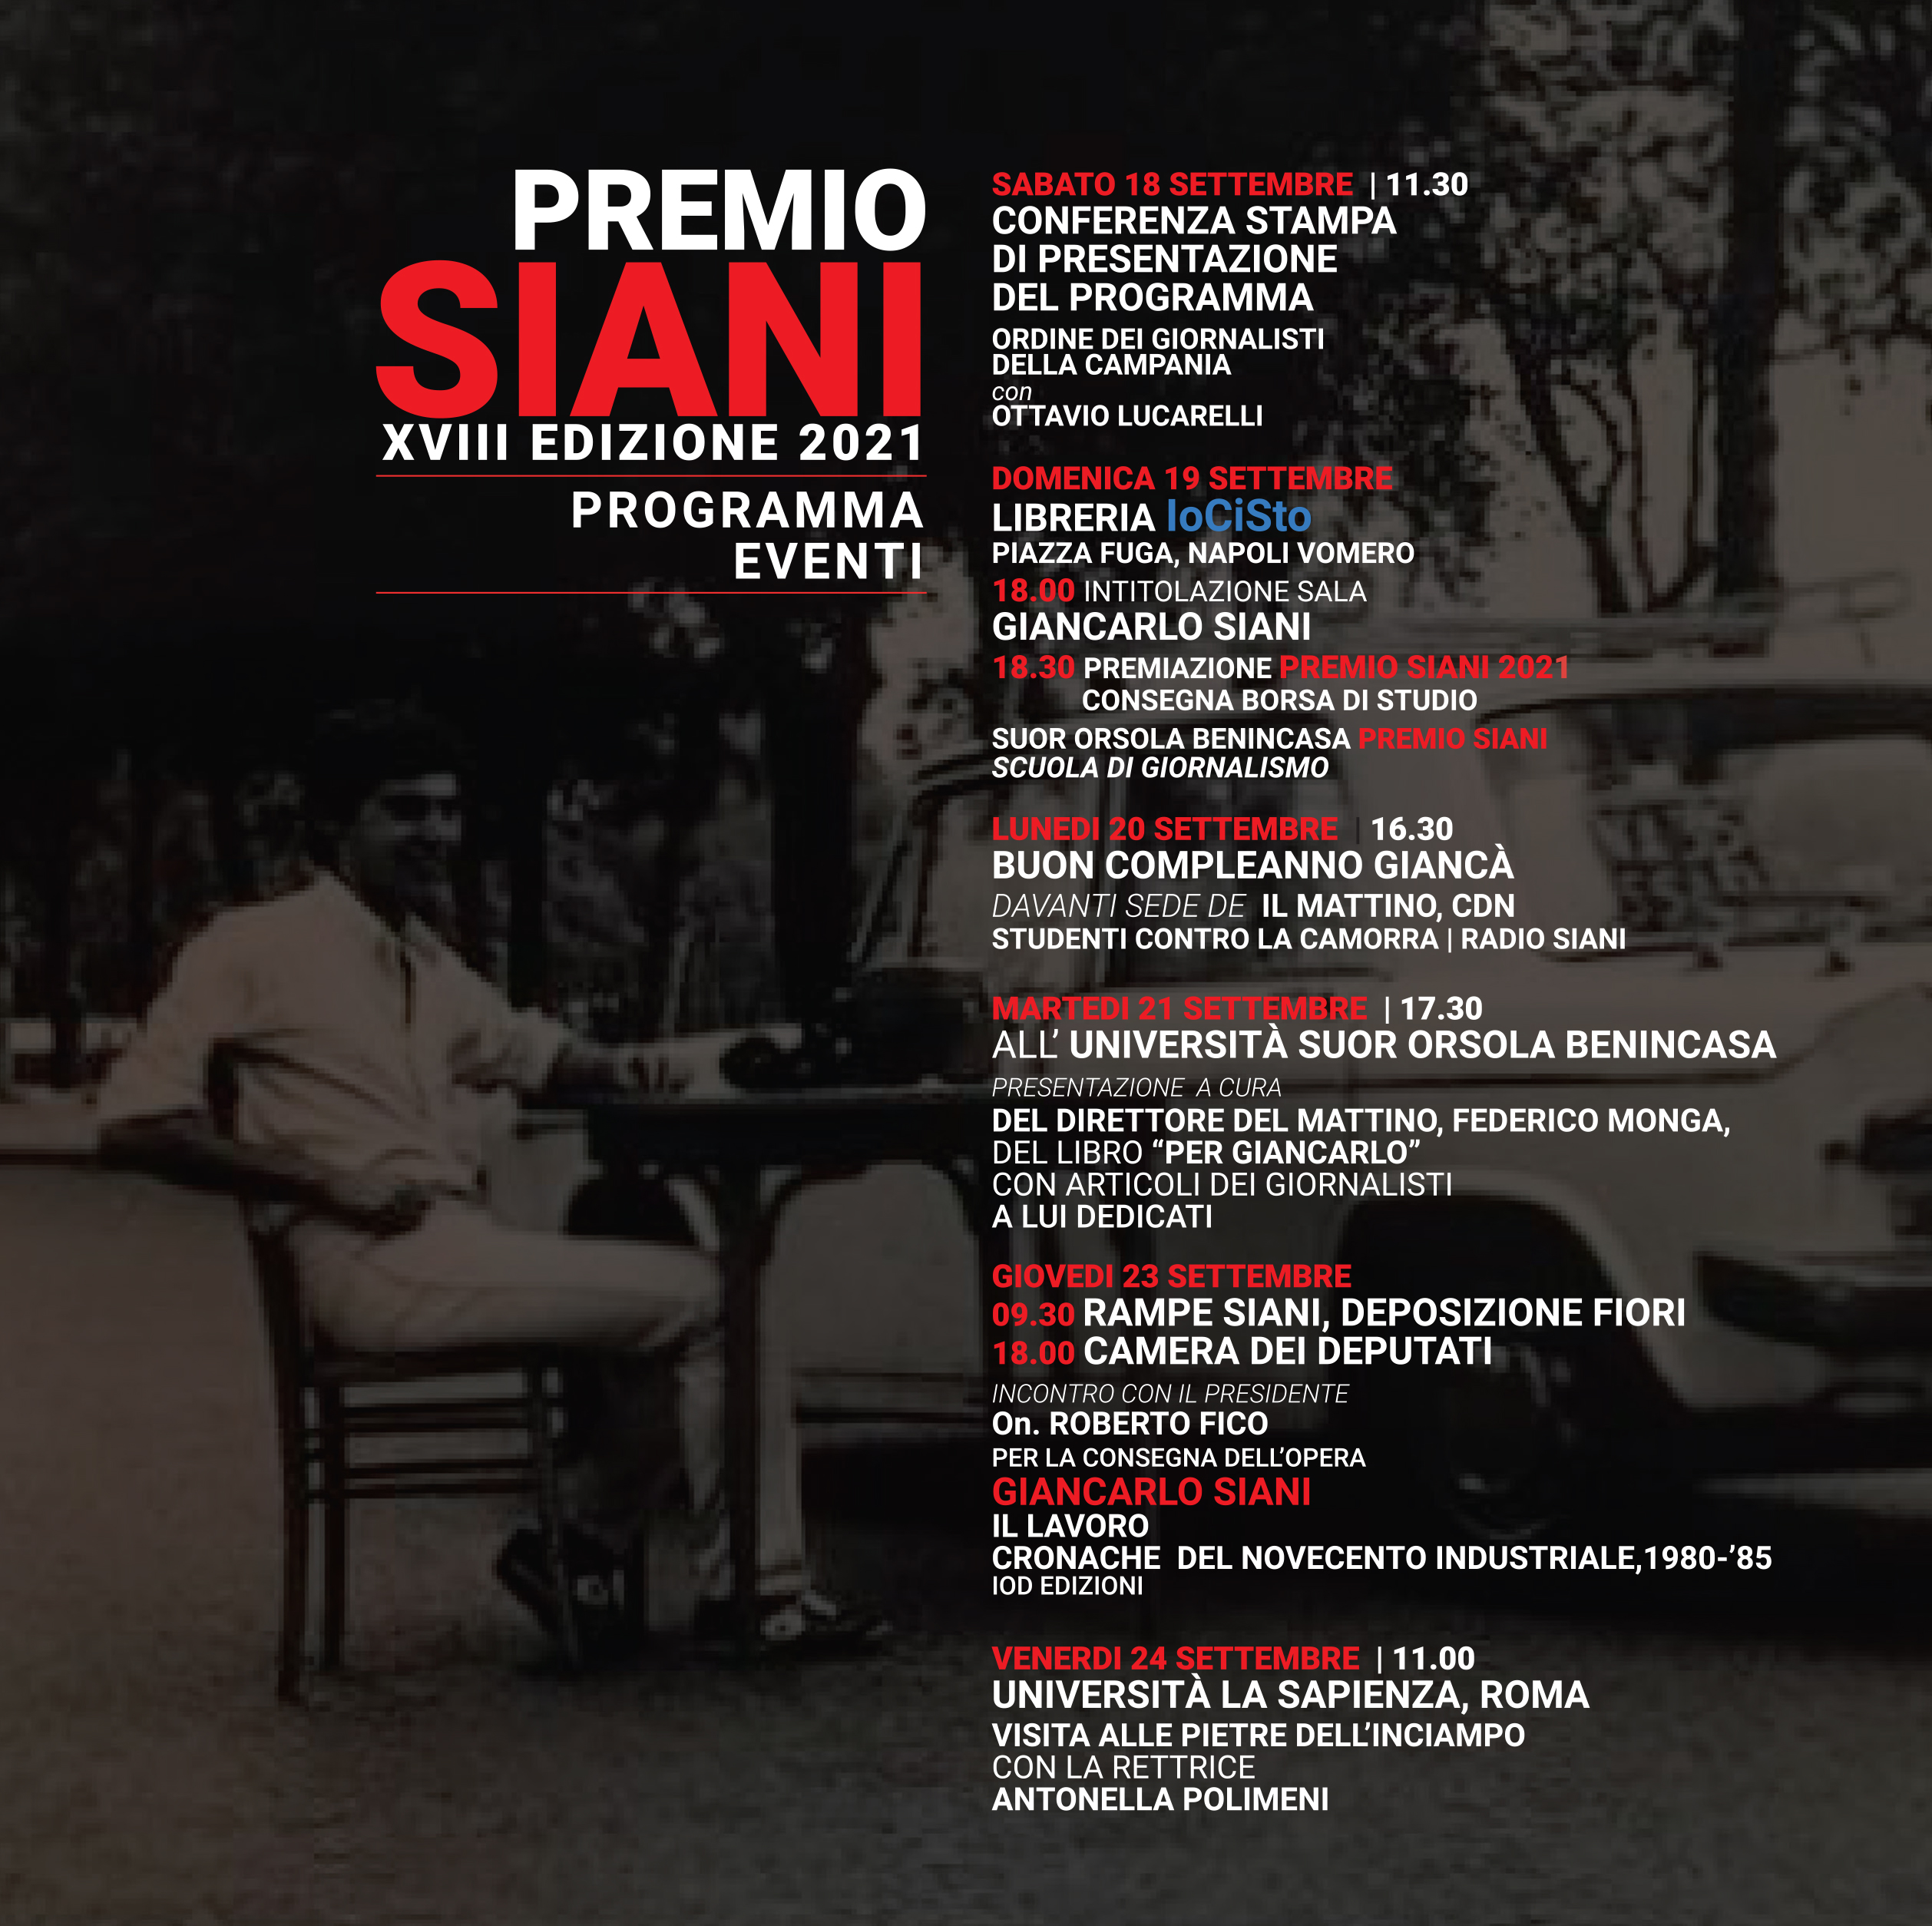 Programma Premio Siani 2021